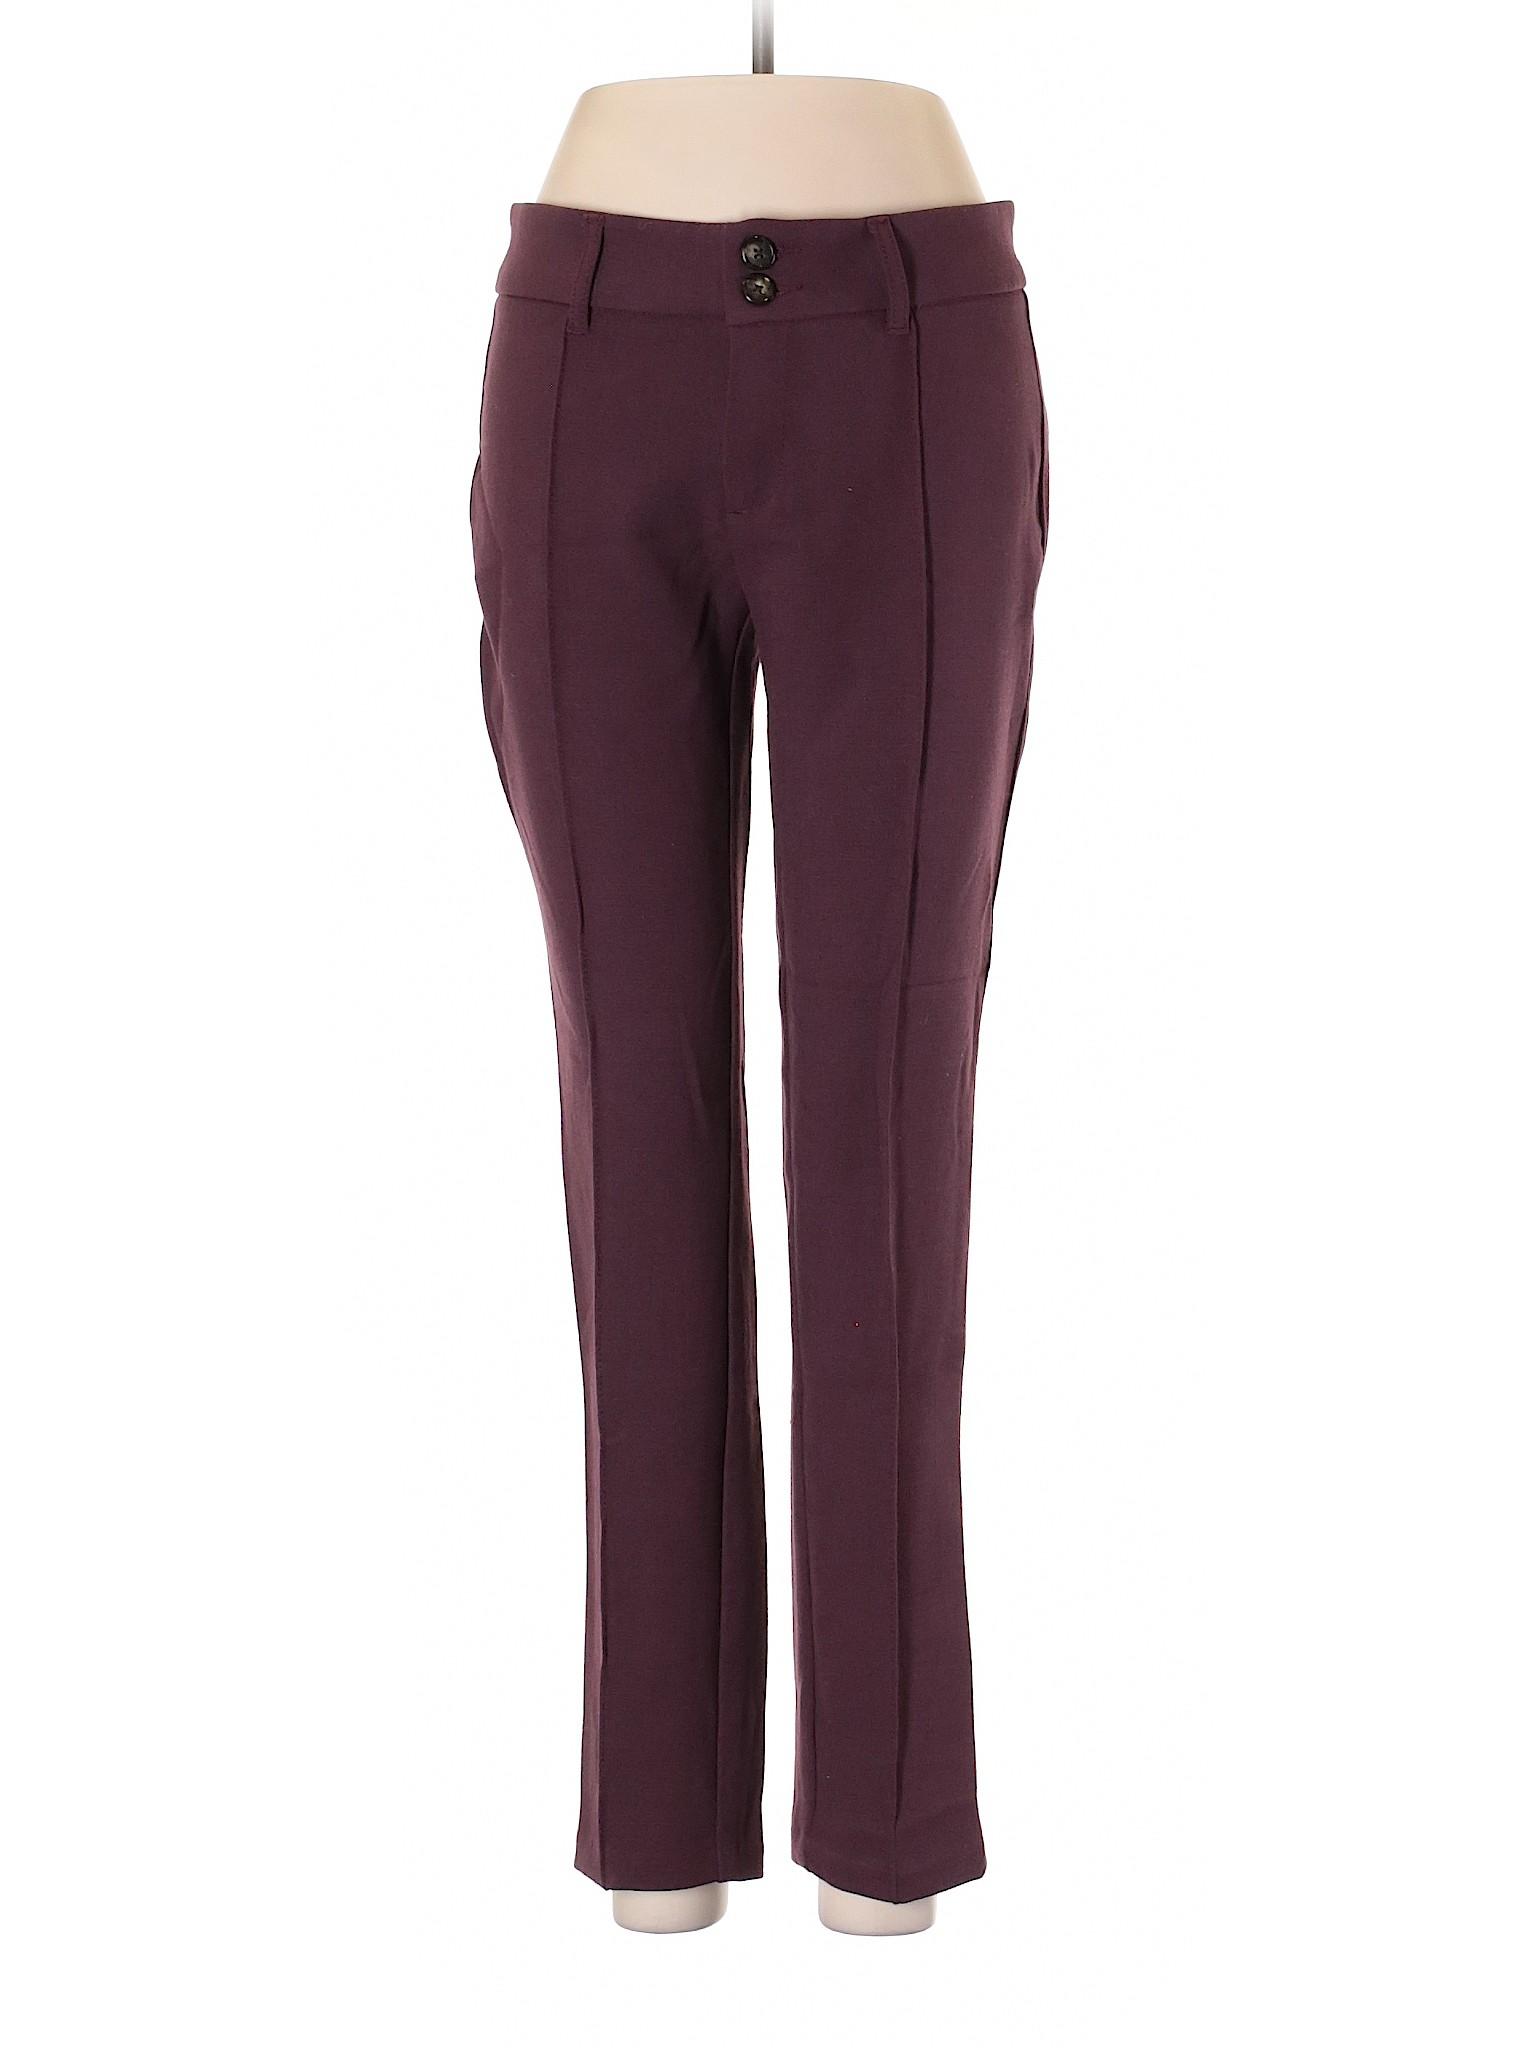 leisure Pants Cartonnier Boutique Boutique leisure Dress Uwq07nY